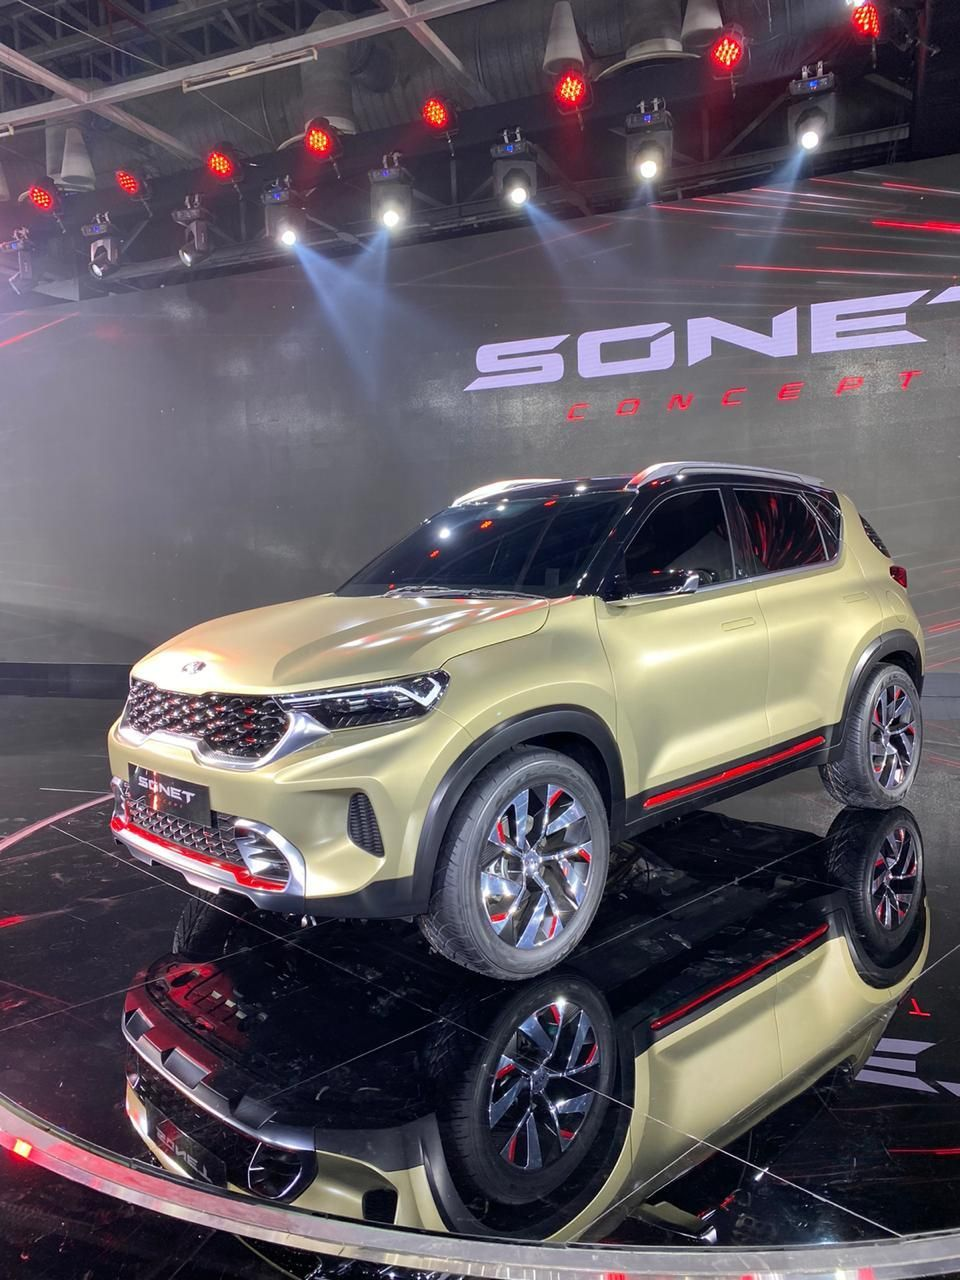 Auto Expo 2020 Film Reallife review in 2020 Kia